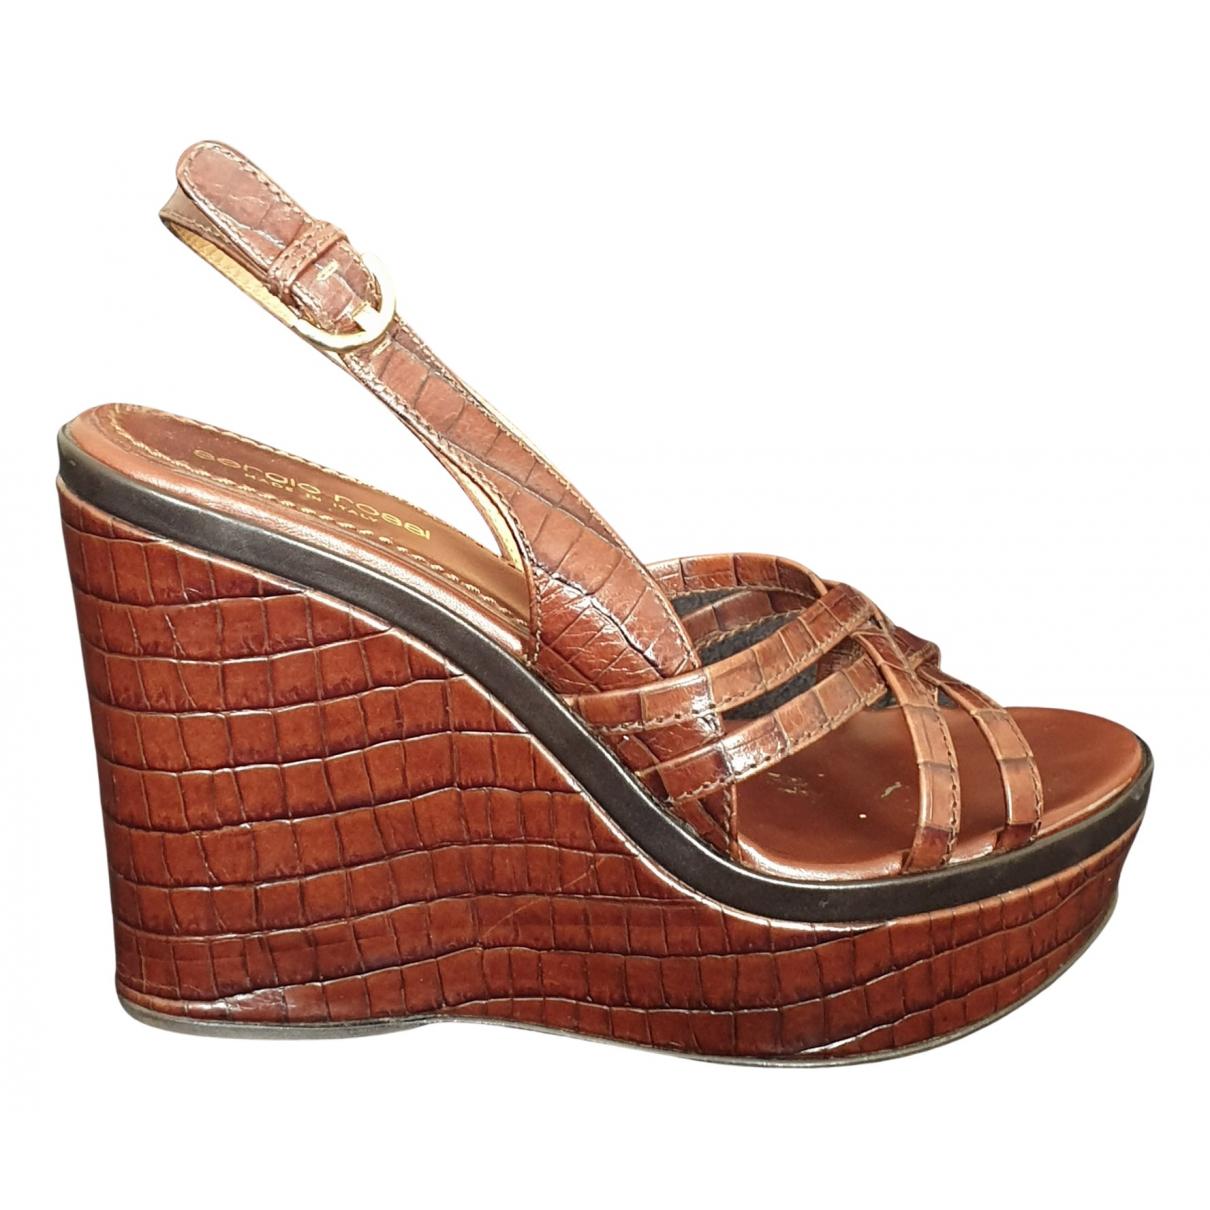 Sergio Rossi - Sandales   pour femme en cuir verni - marron